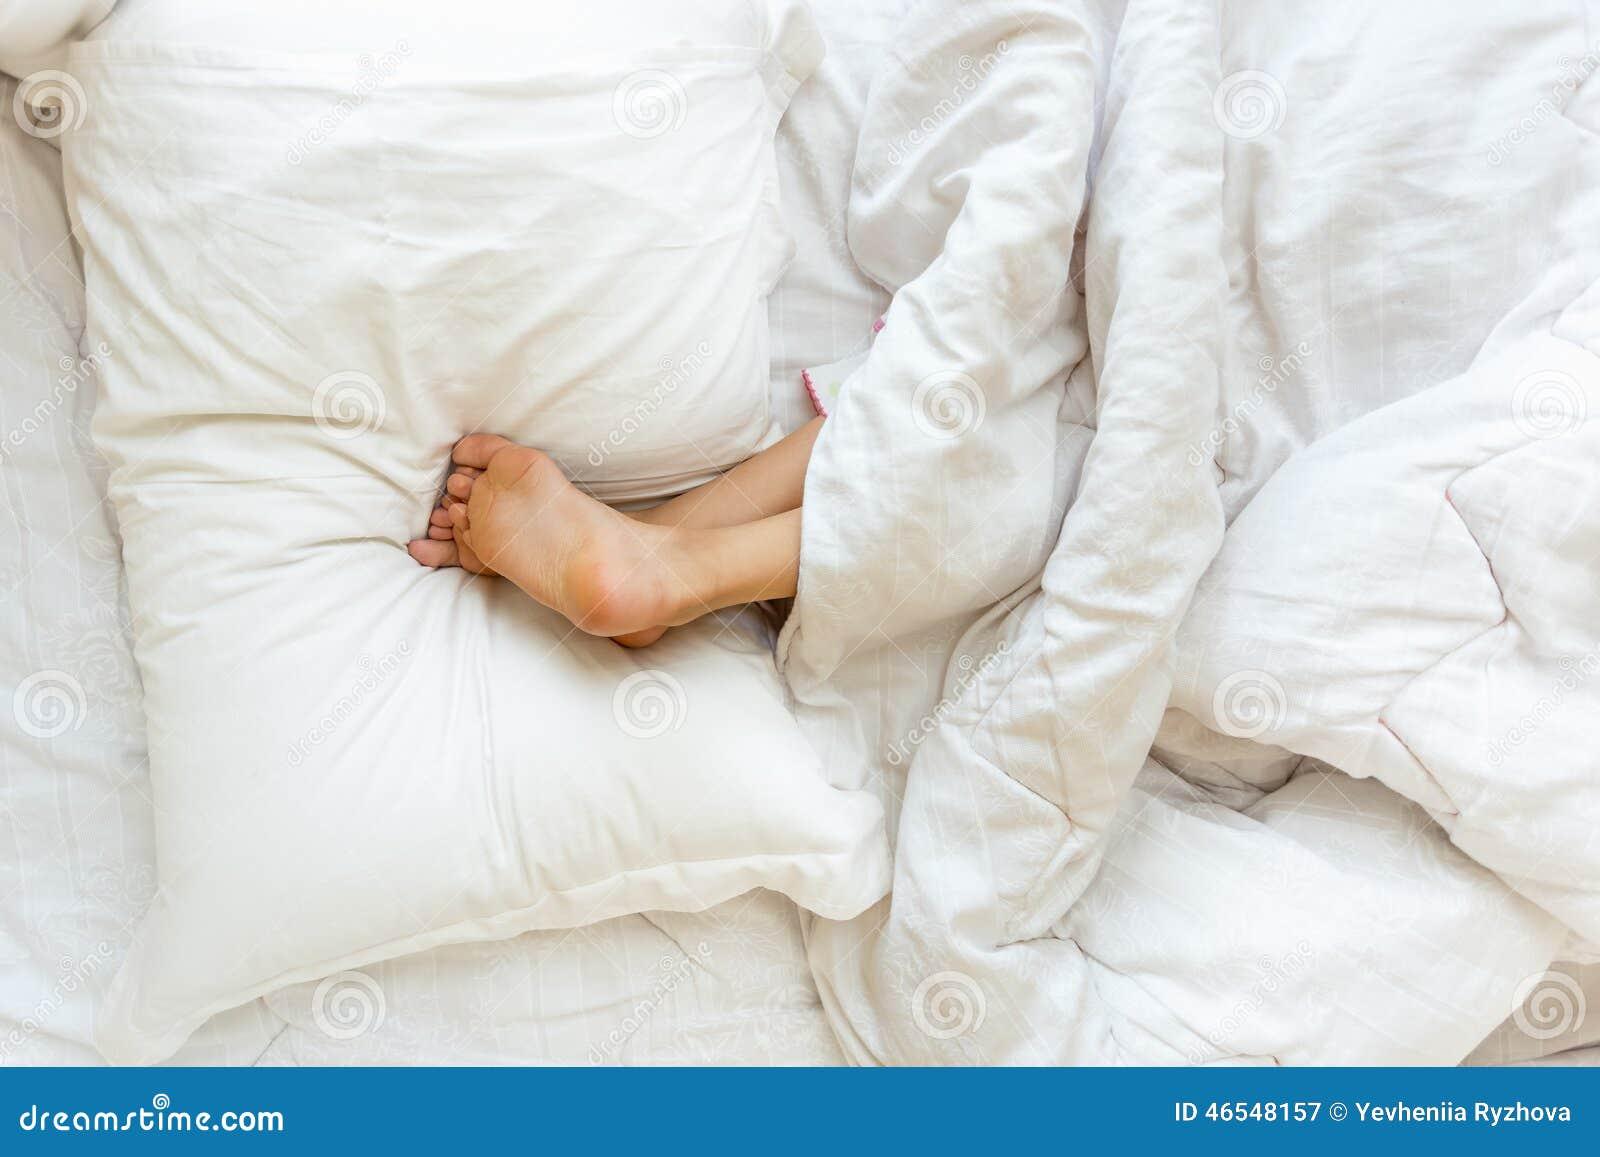 Sleep Upside Down In Bed